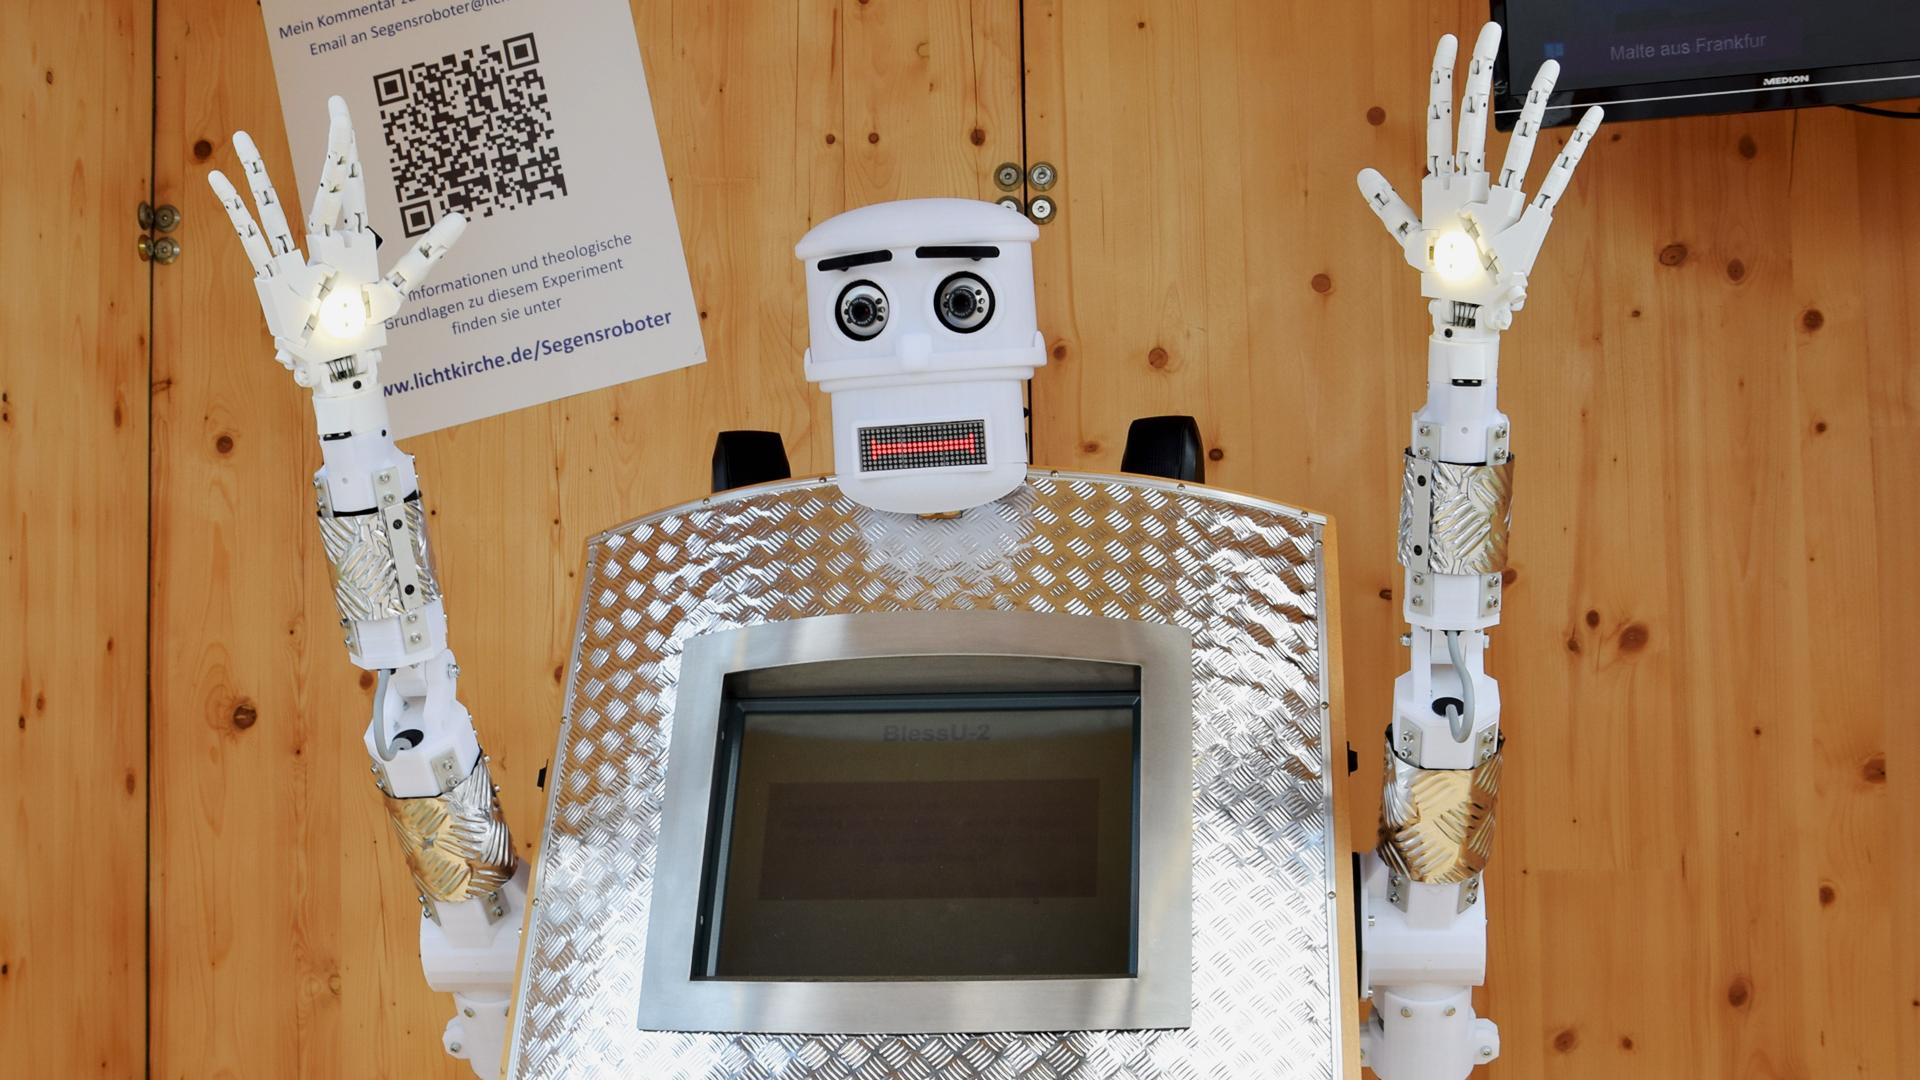 Ein Roboter, der Segen sprechen kann, war auch Teil der Ausstellung und wurde in den Medien heiß diskutiert.